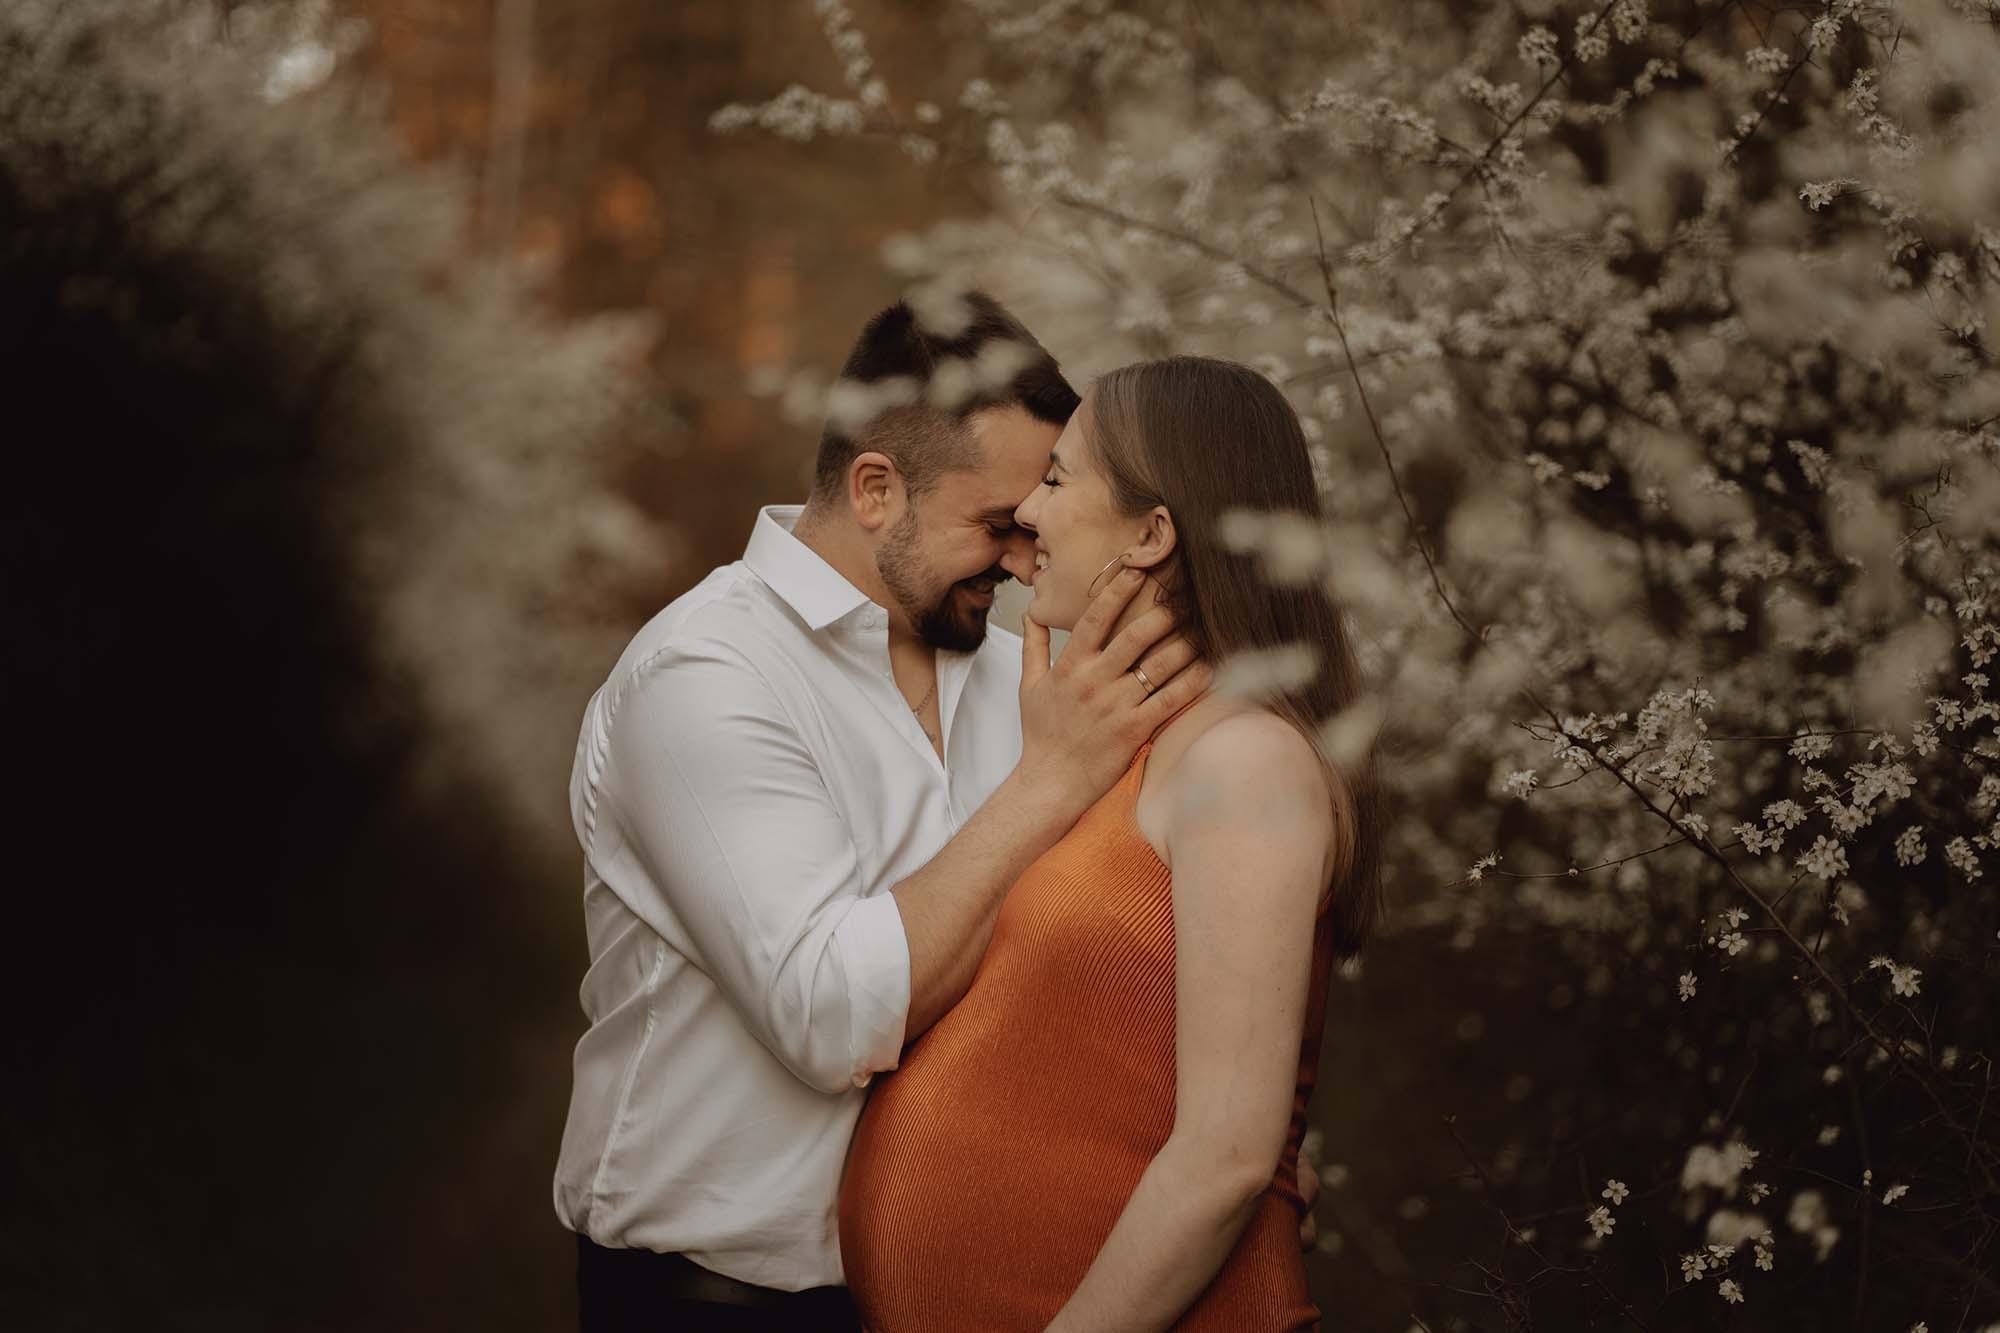 Wiosenna sesja ciazowa kielce00028 - Wiosenna sesja ciążowa